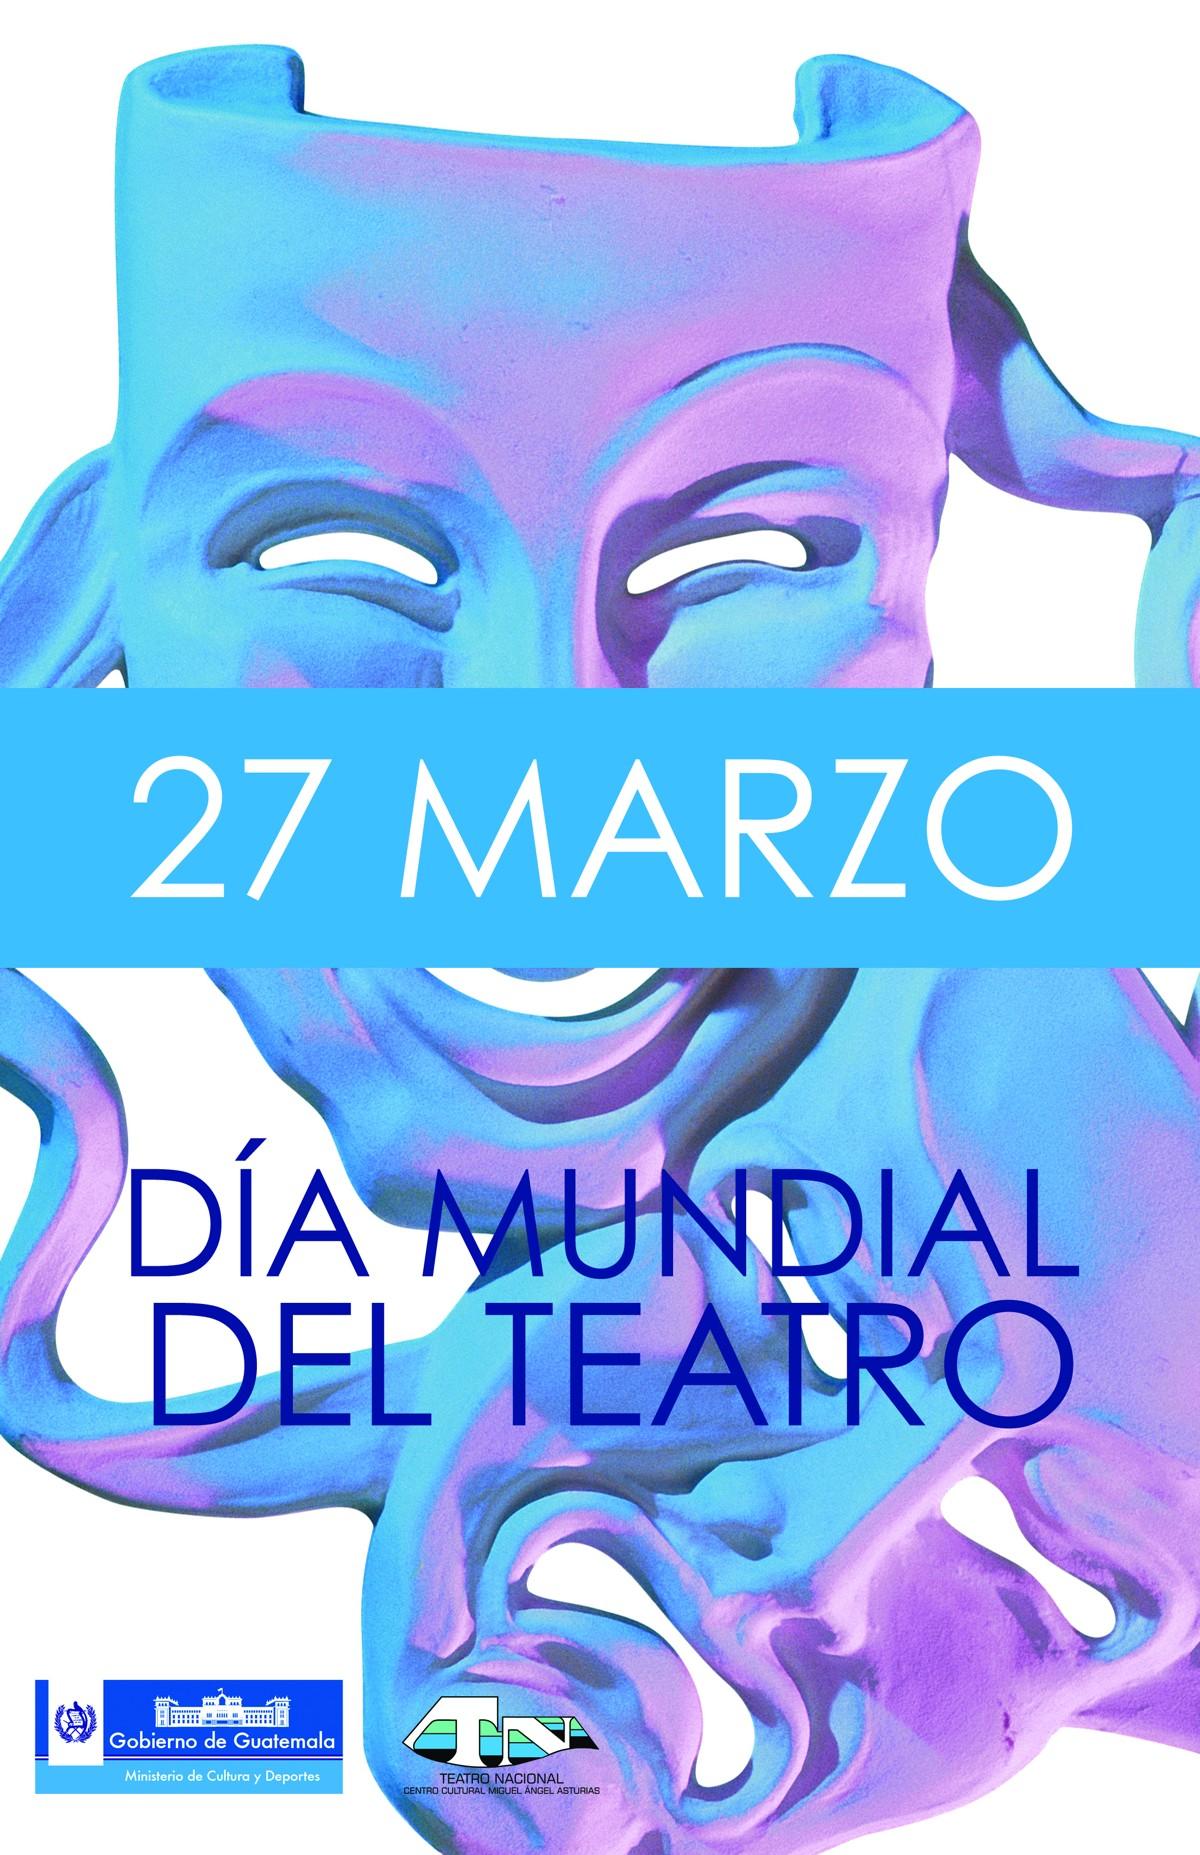 afiche dia mundial de teatro